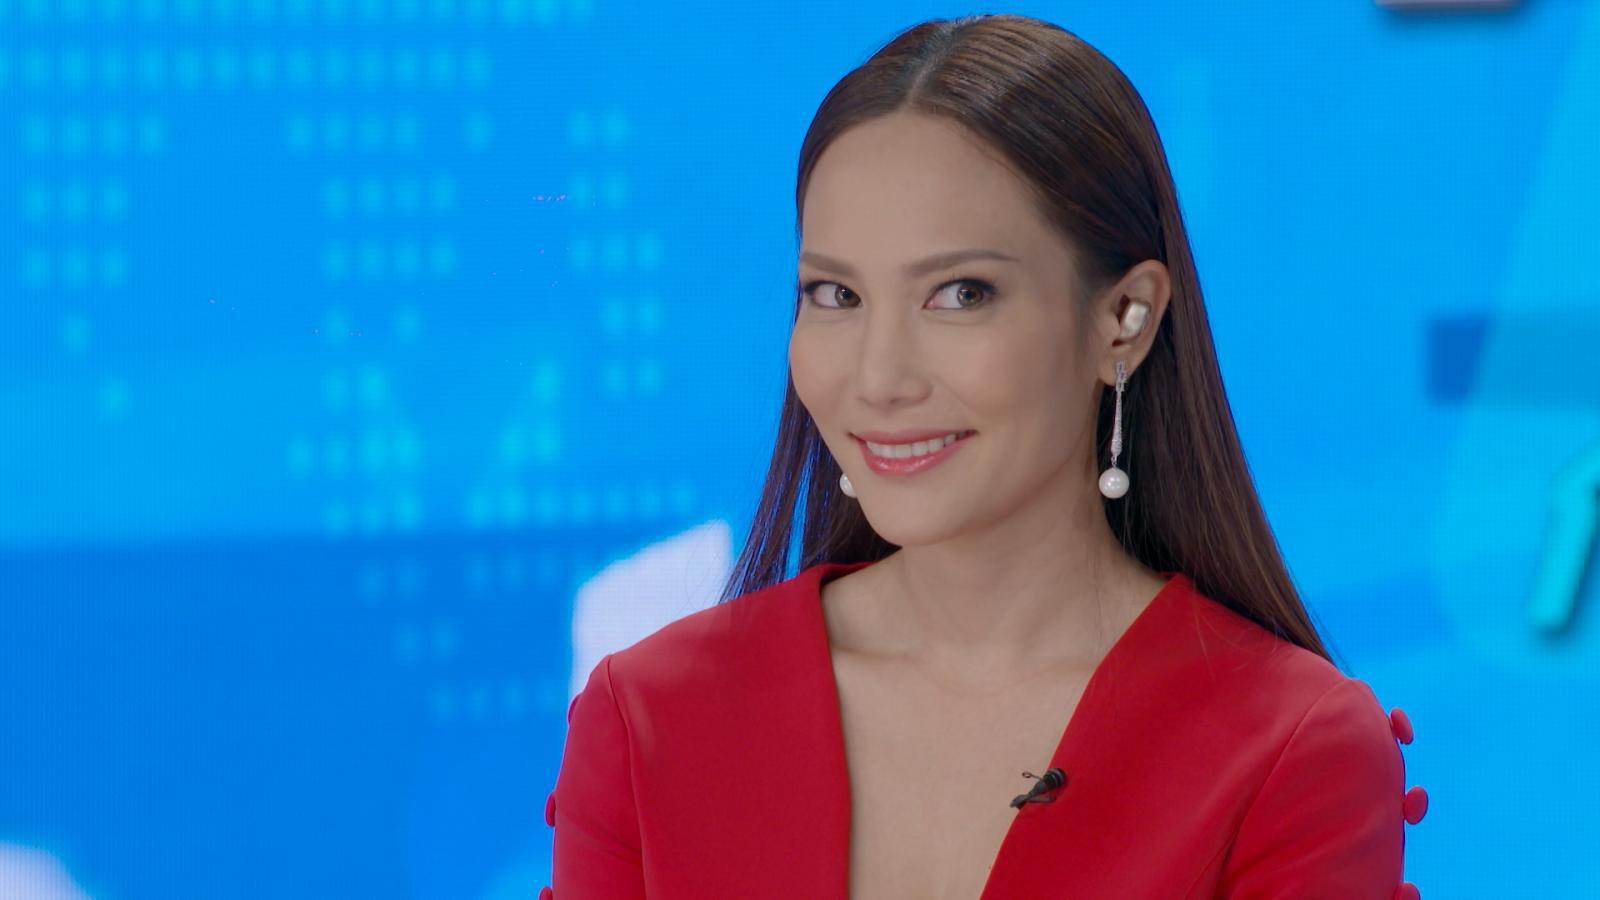 วุ่นรักนักข่าว EP.21 | ฟินสุด | มารยาดี! ผู้หญิงแบบนี้ผู้ชายใจอ่อน | PPTV HD 36